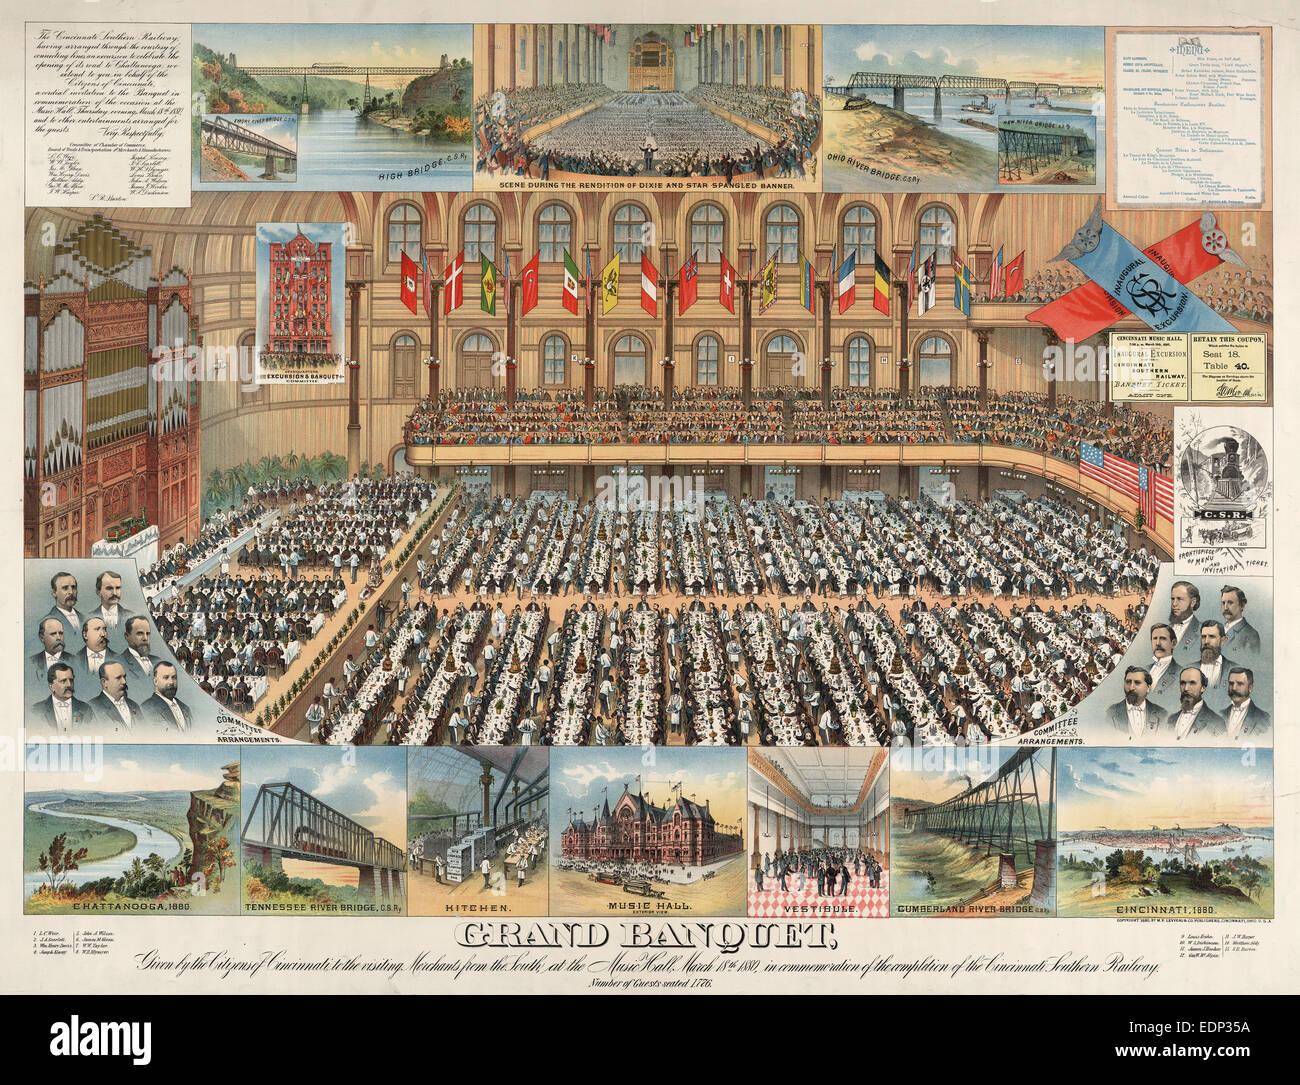 Grande banchetto, dato dai cittadini di Cincinnati, per la visita di mercanti provenienti da sud, presso la Sala Immagini Stock